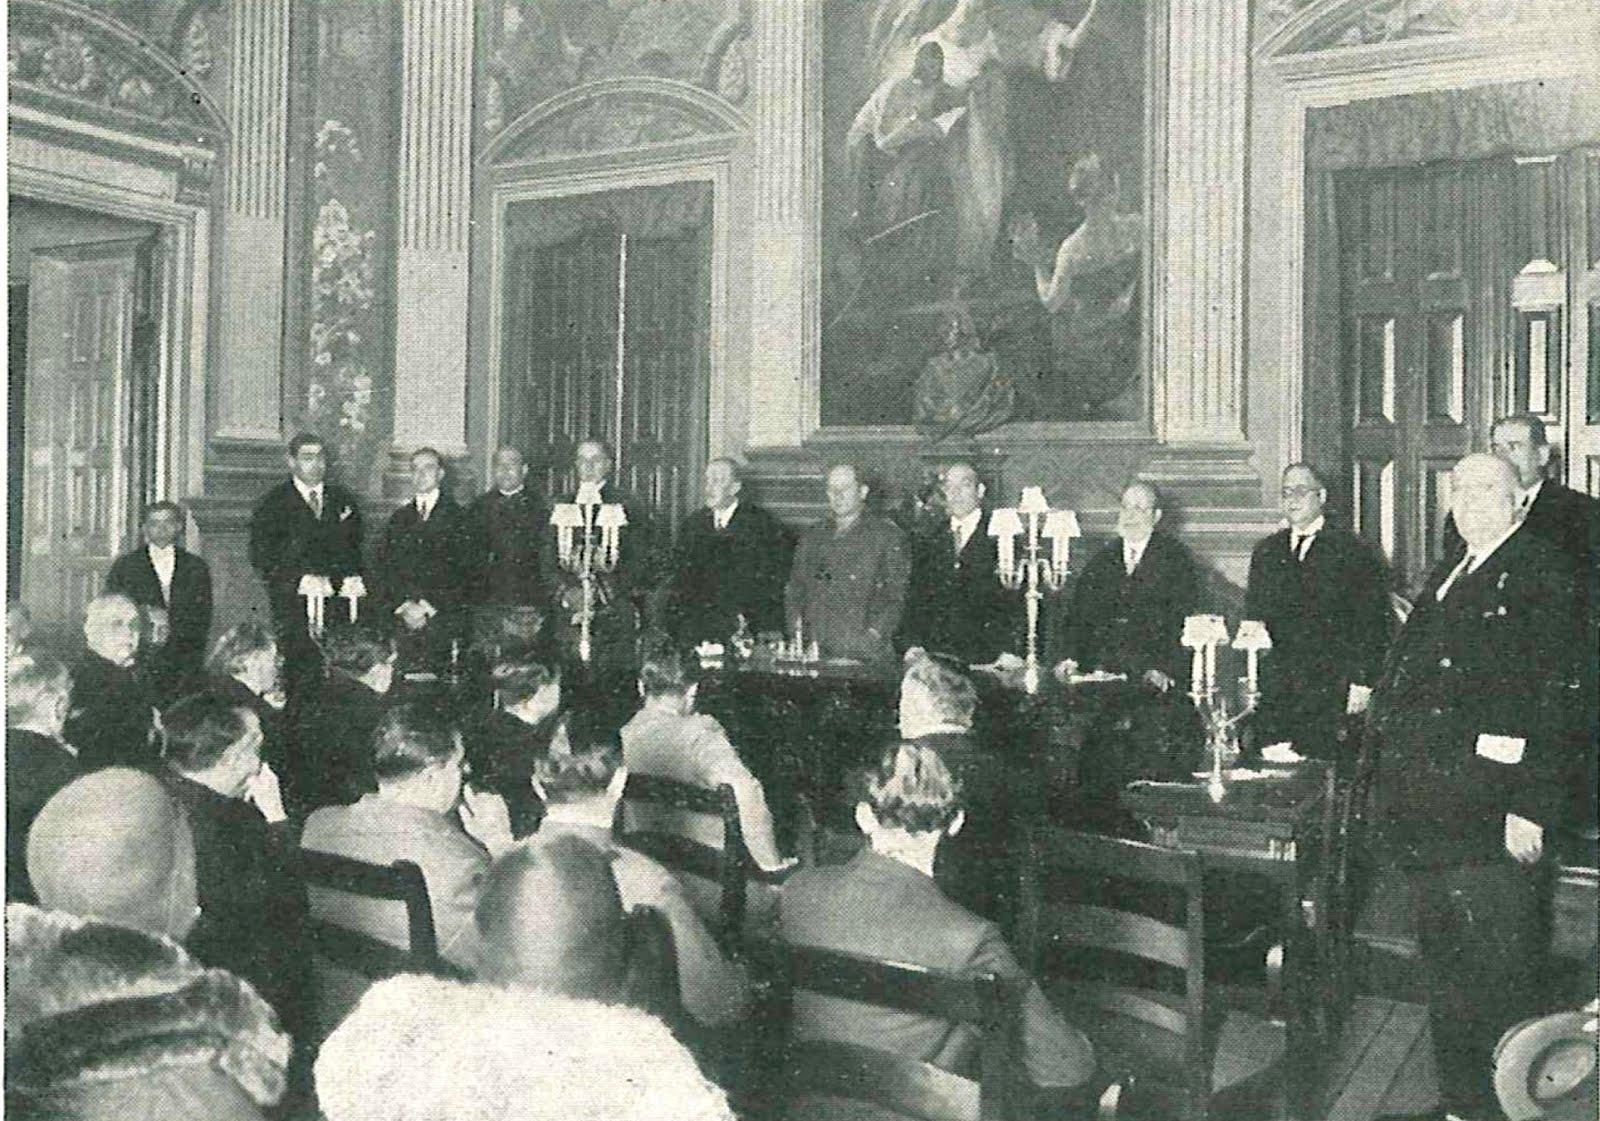 I Congreso Español de Radioaficionados en 1929